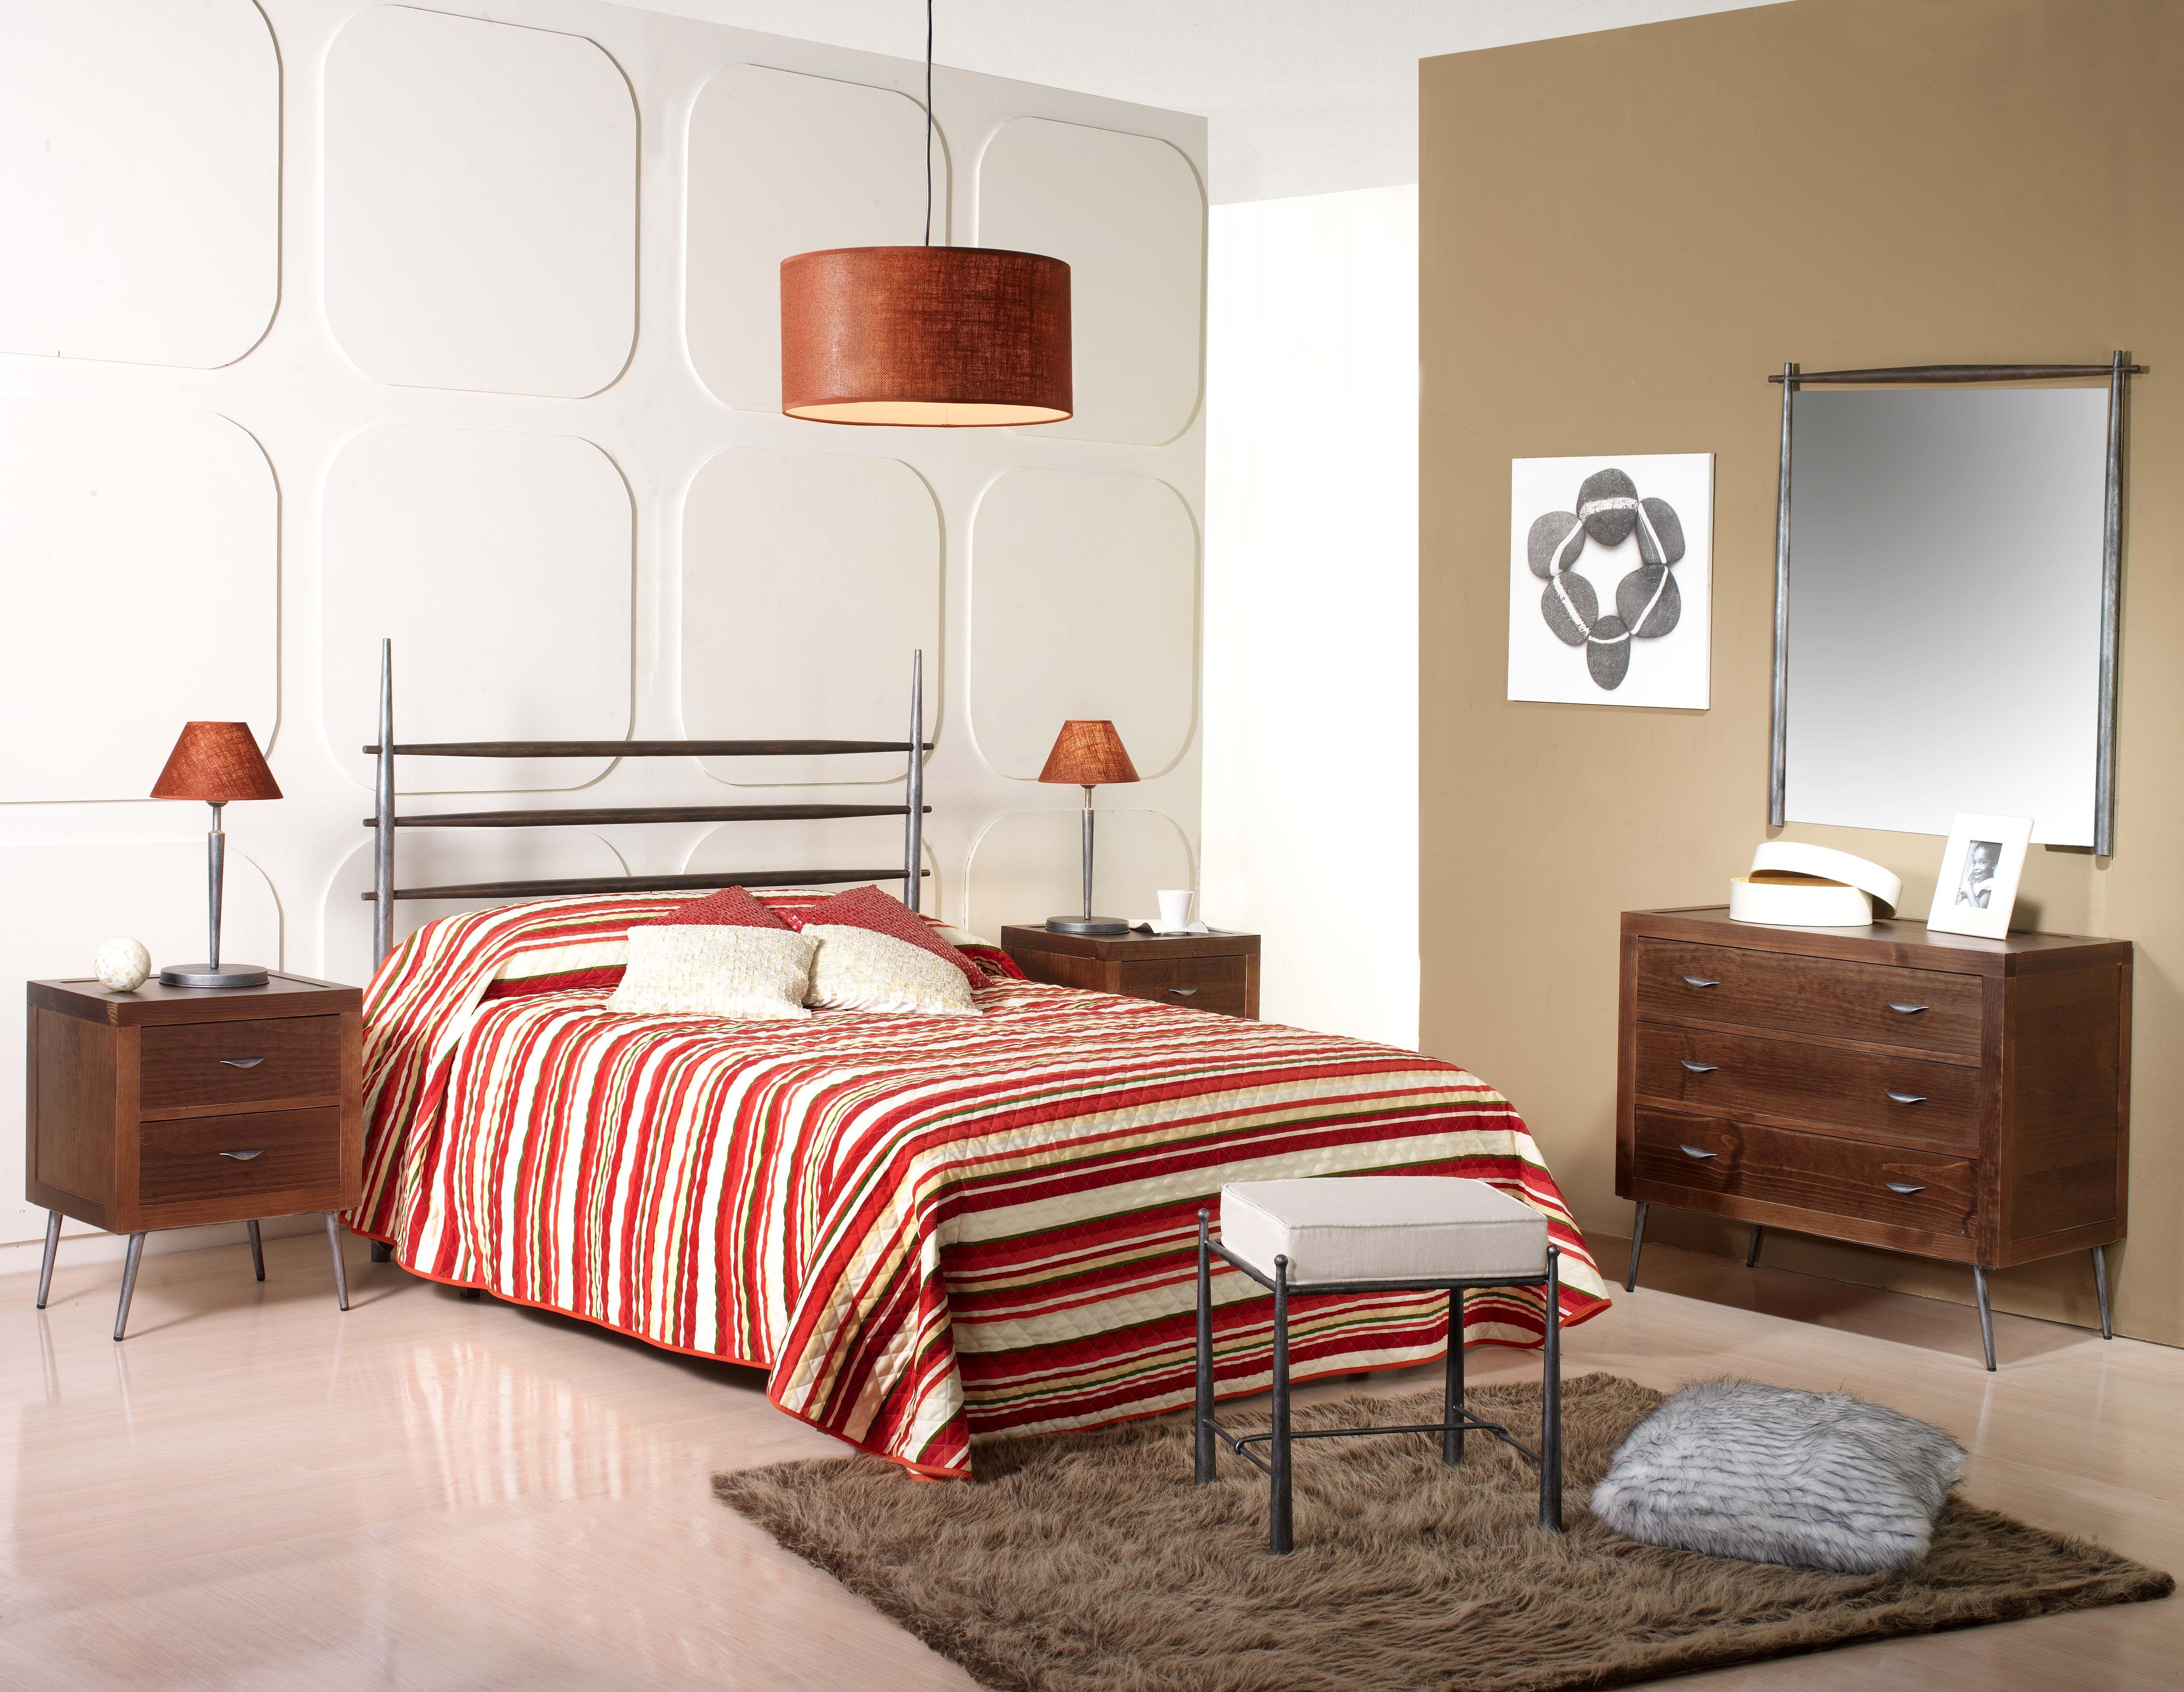 Dormitorio de forja y madera mod Tubular fabricado a mano tonos